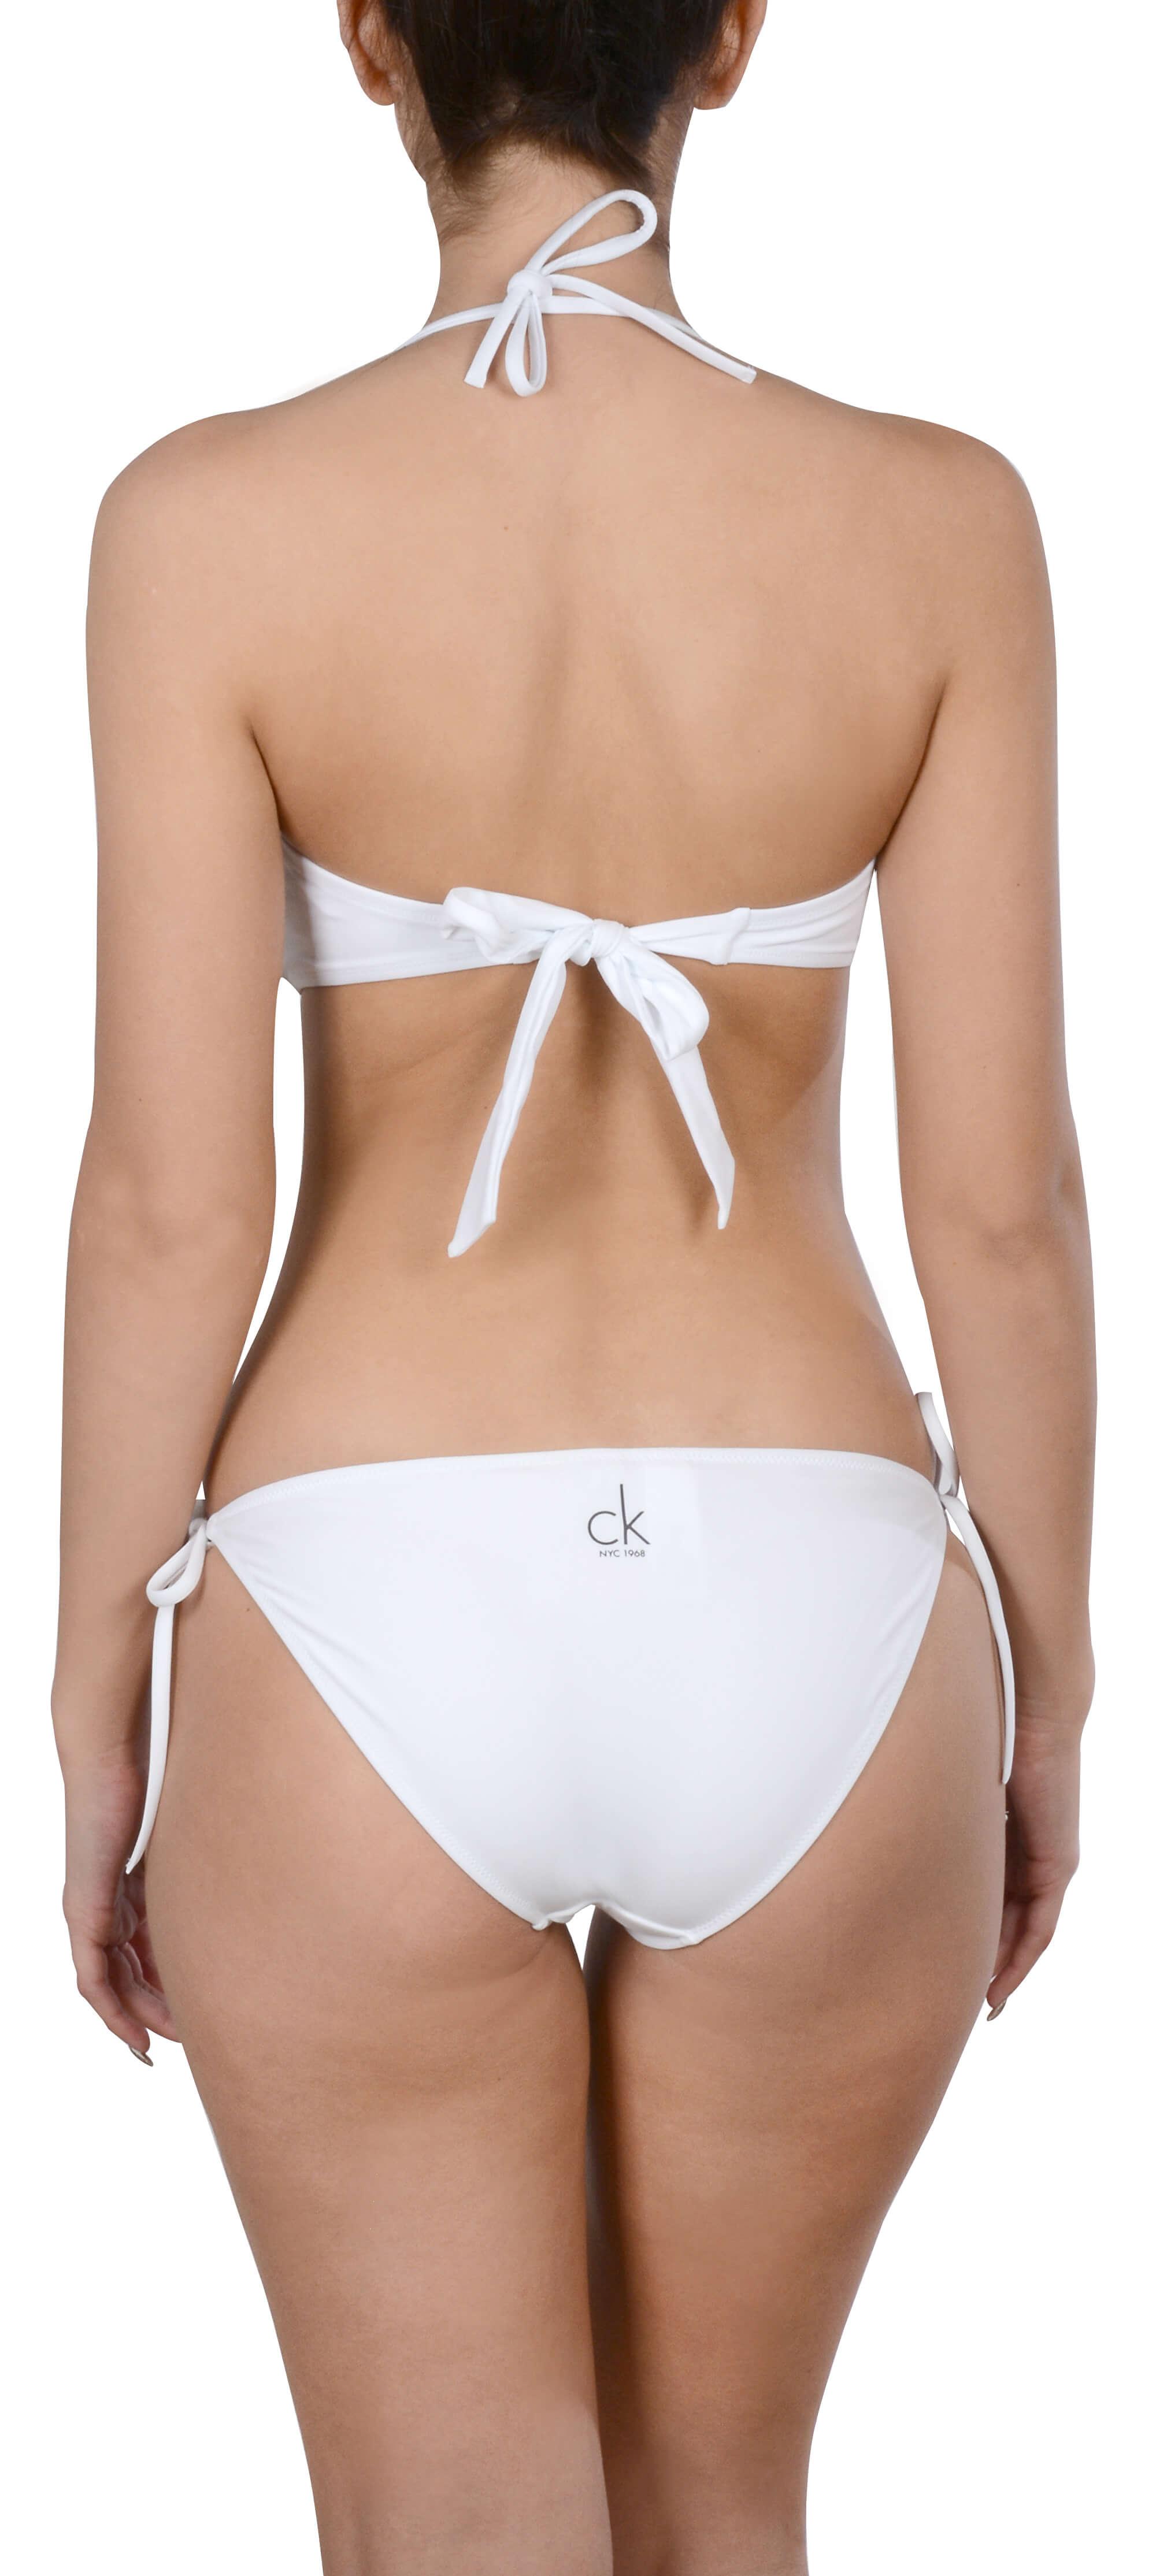 b7c18f917d3 Calvin Klein Plavkové kalhotky Side Tie Bikini KW0KW00085-100 ...